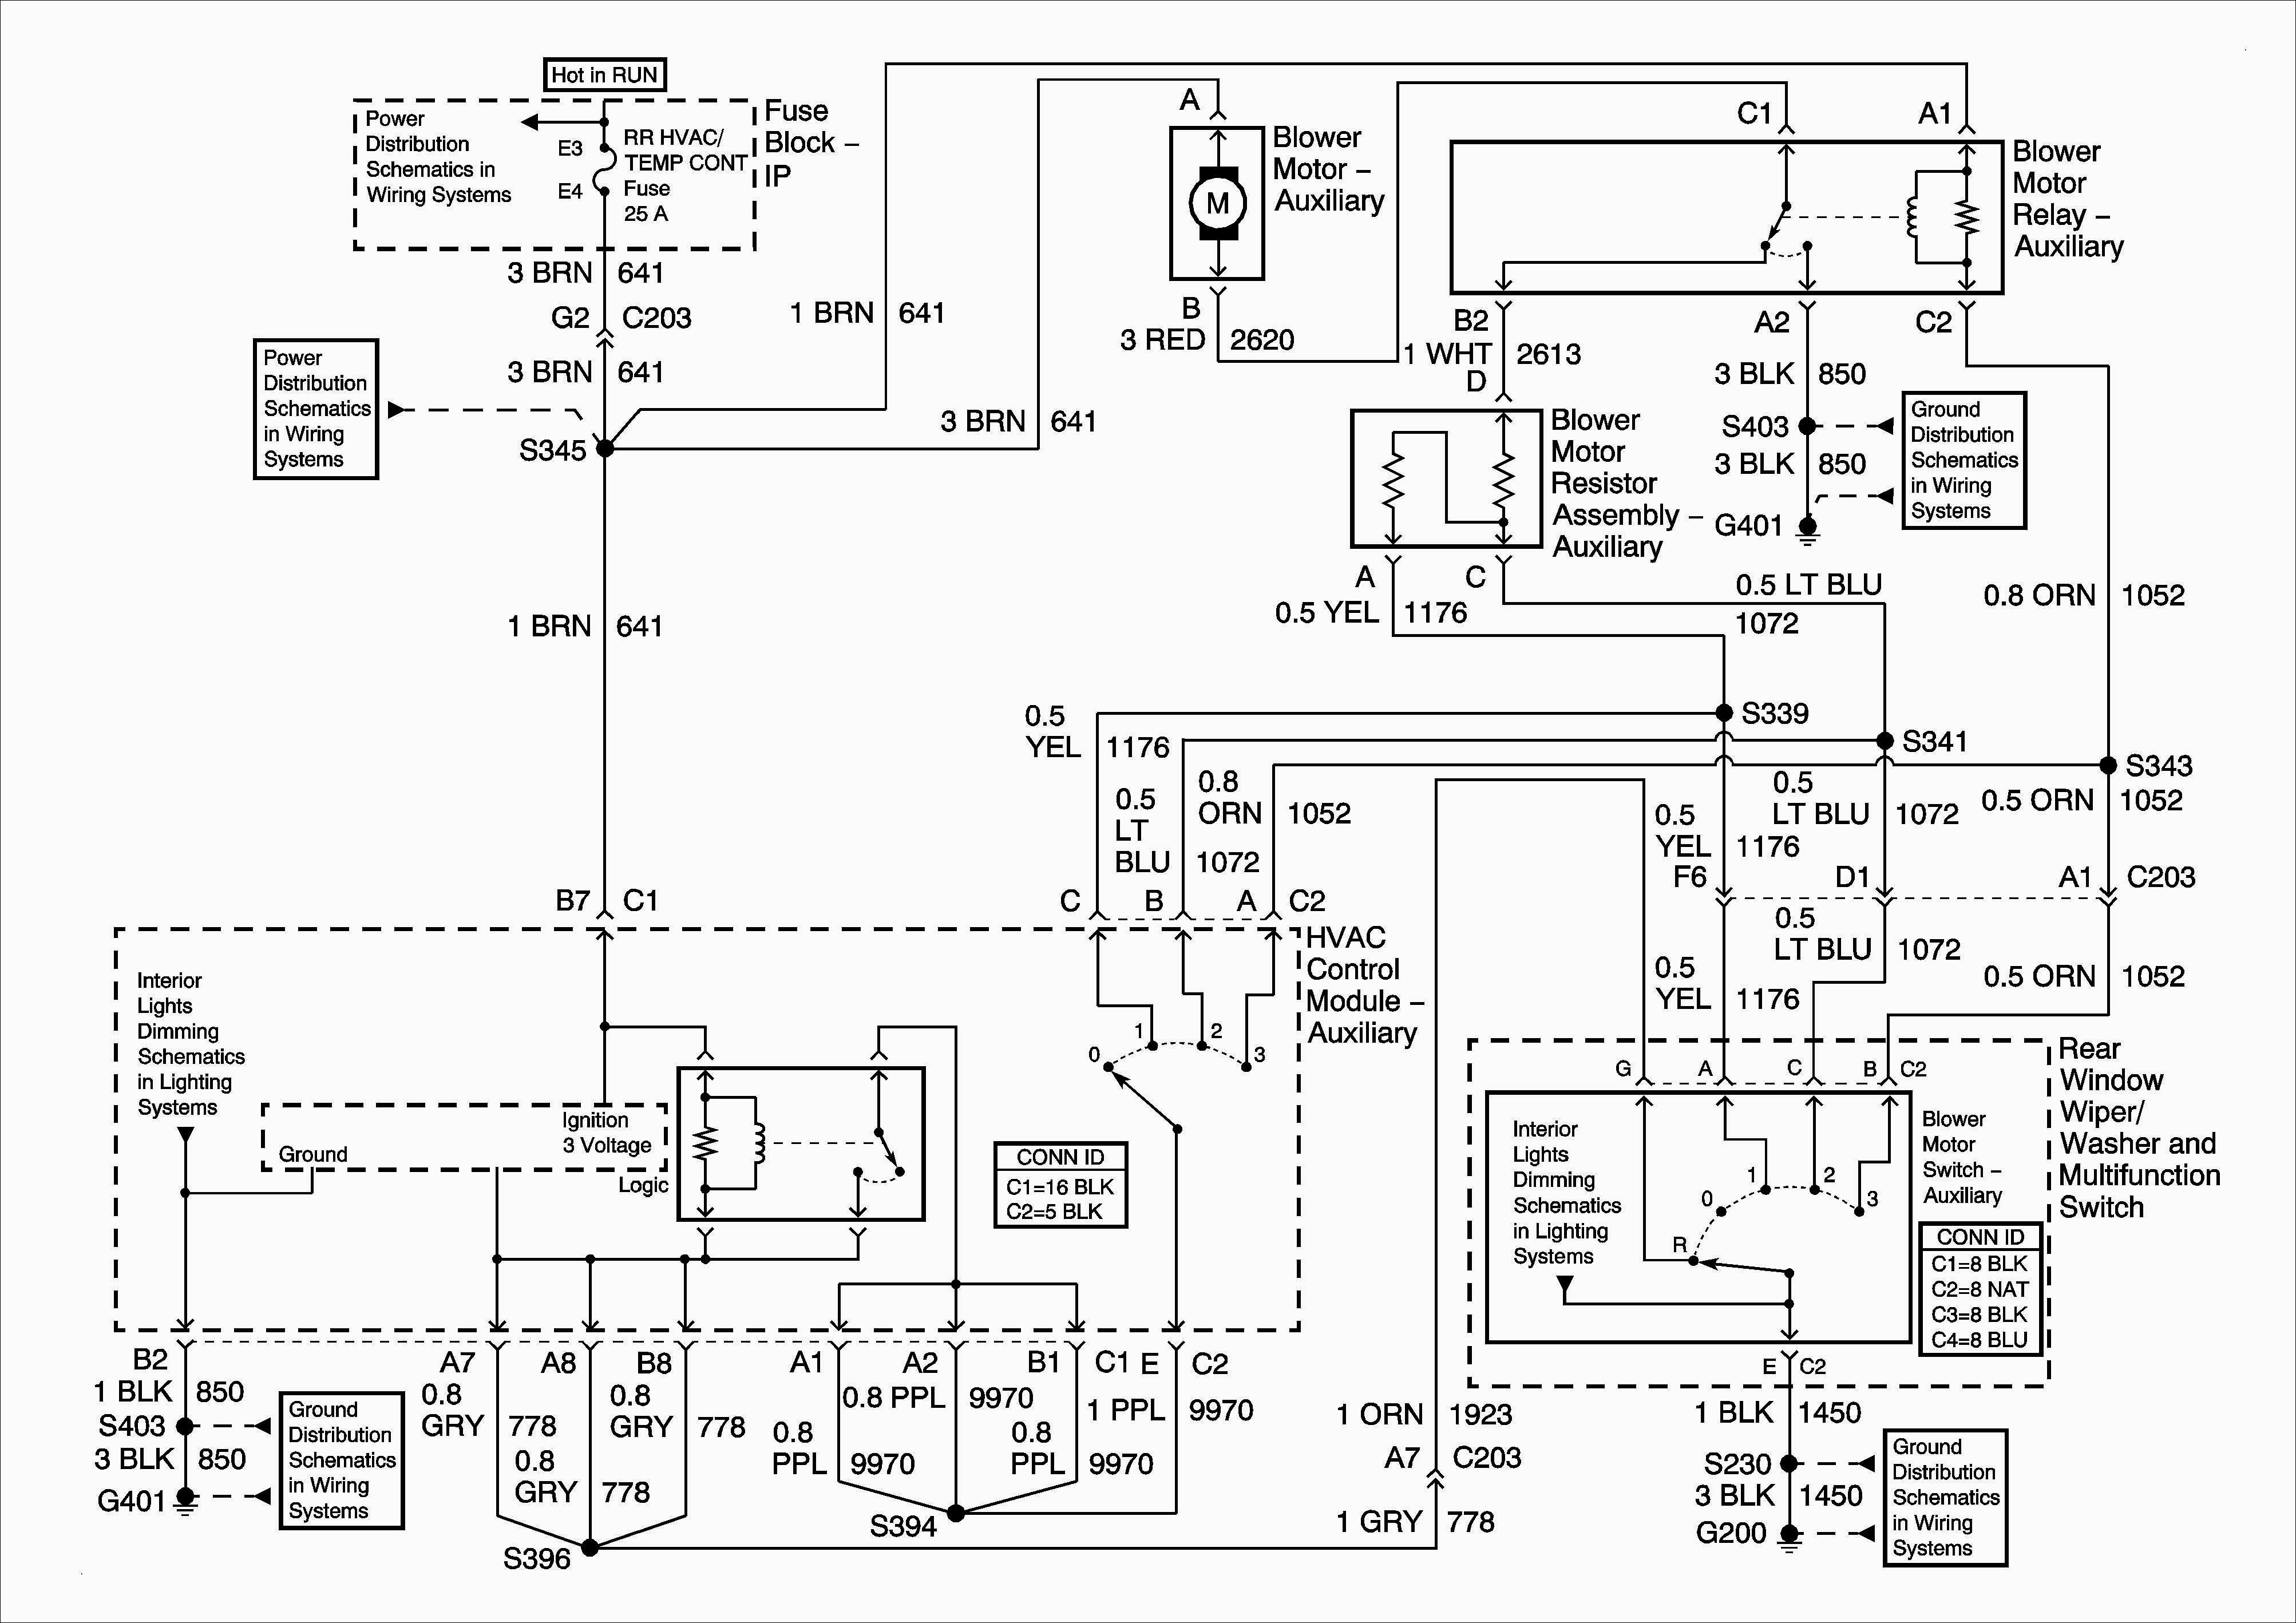 freightliner air system diagram freightliner m2 blower motor wiring diagram  zookastar of freightliner air system diagram